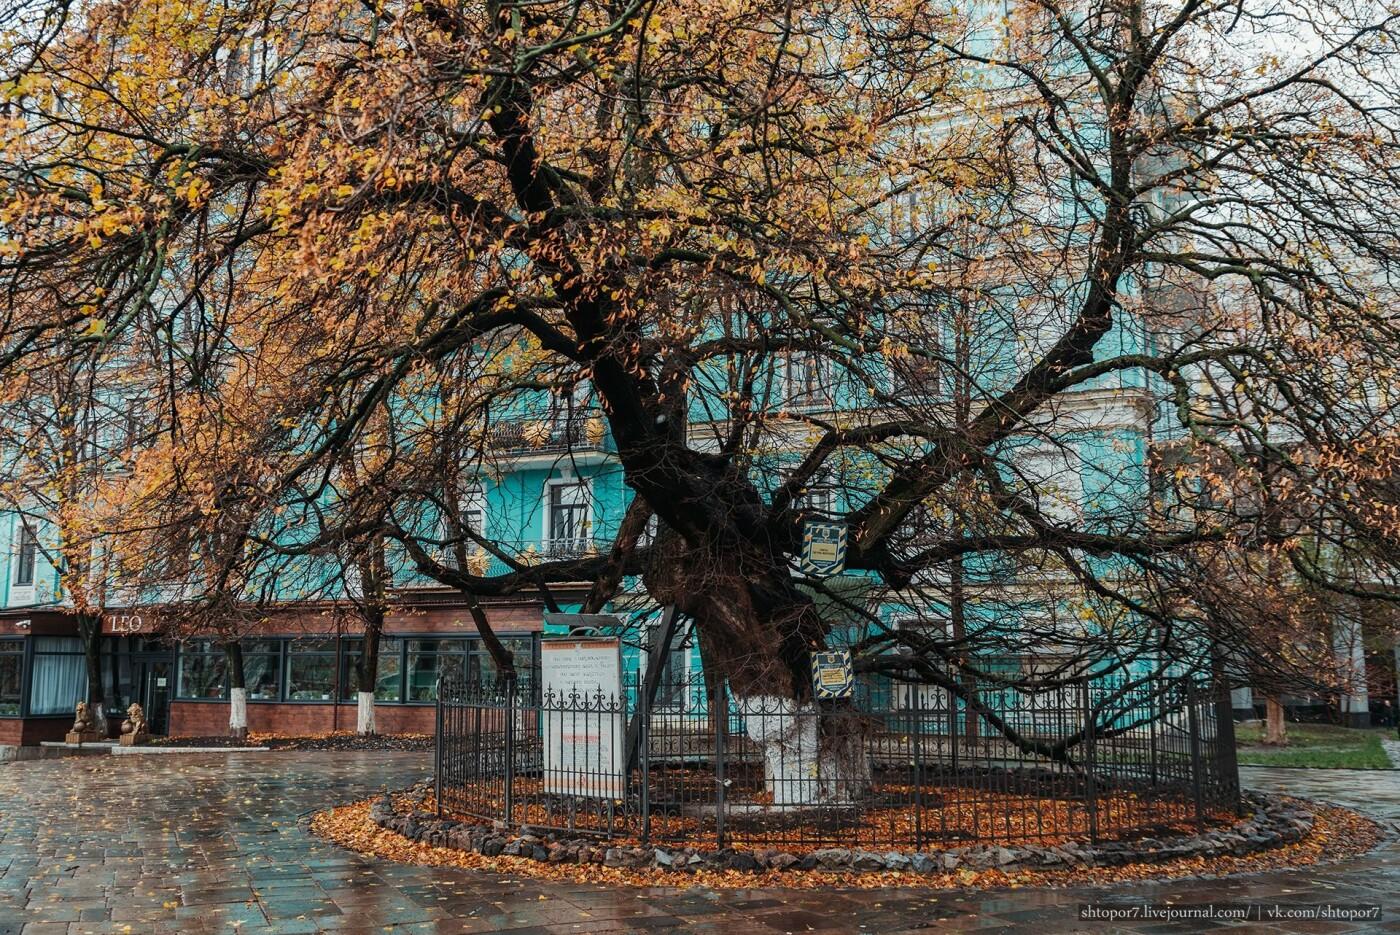 Тысячелетние дубы и липы: ТОП-10 самых старых деревьев Киева, - ФОТО, Фото: Shtopor7